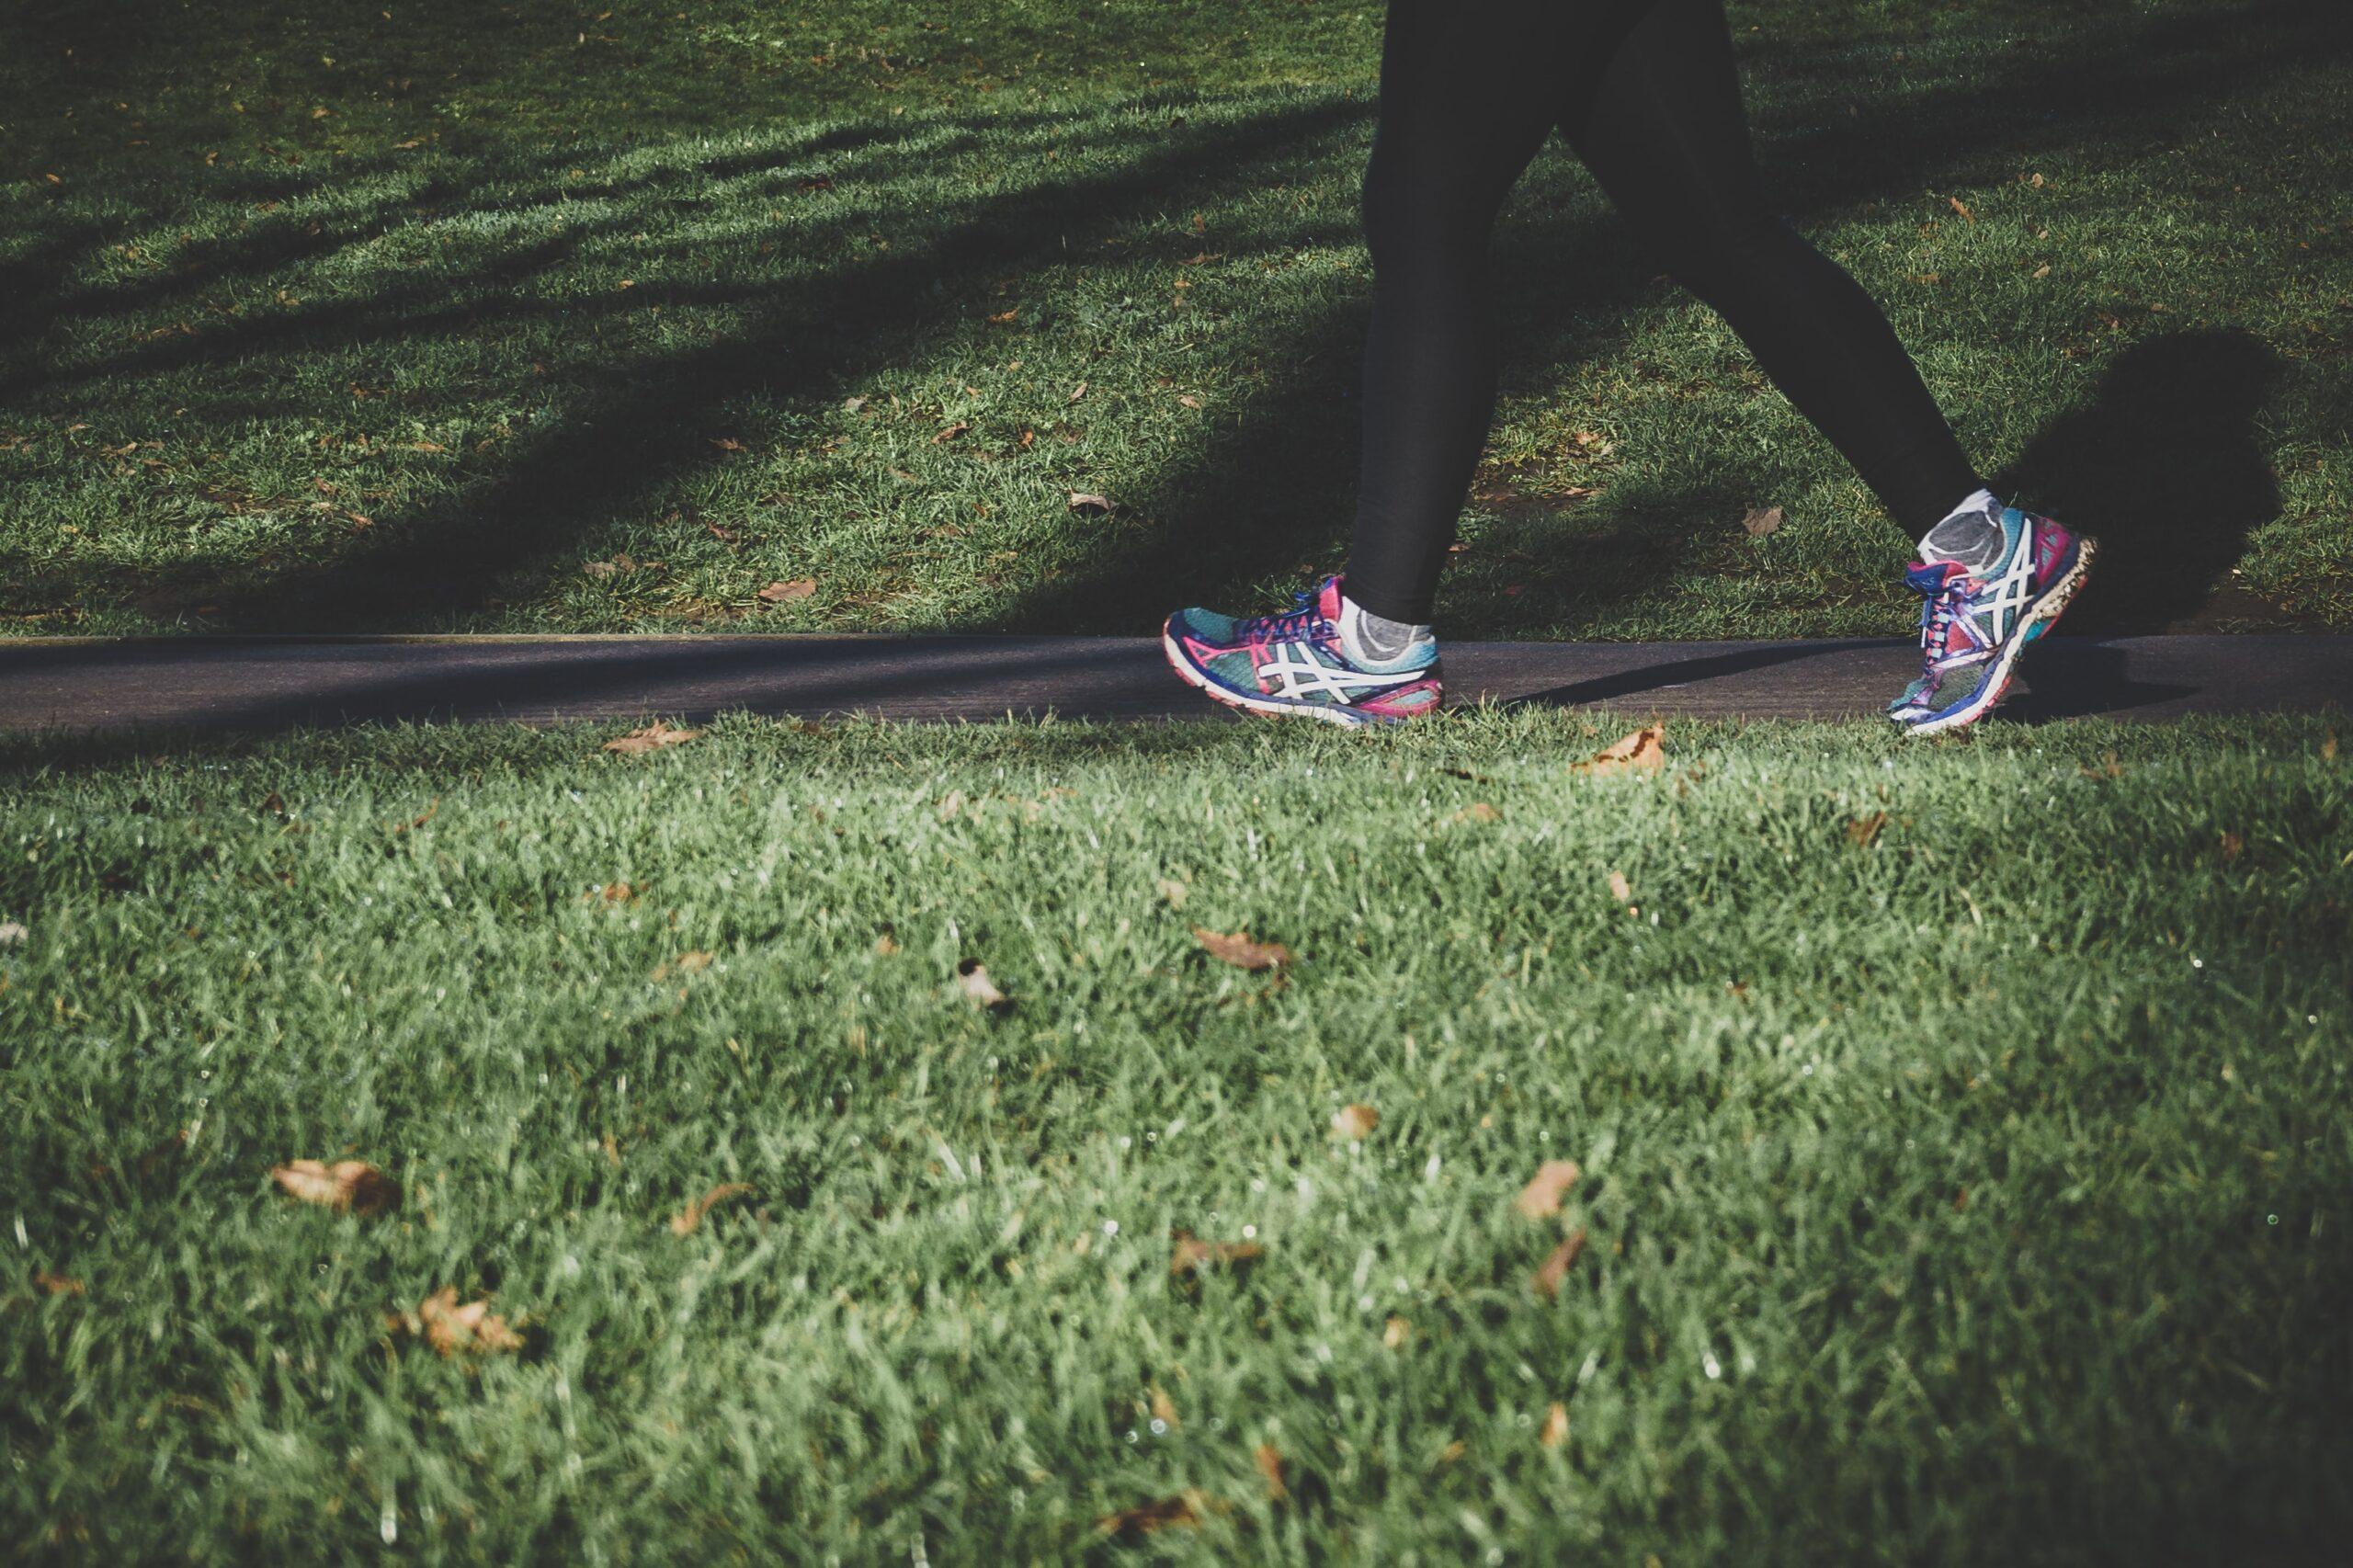 運動不足と新型コロナの重症化に強い関連性!継続的な運動で新型コロナウイルス重症化リスクを下げる!